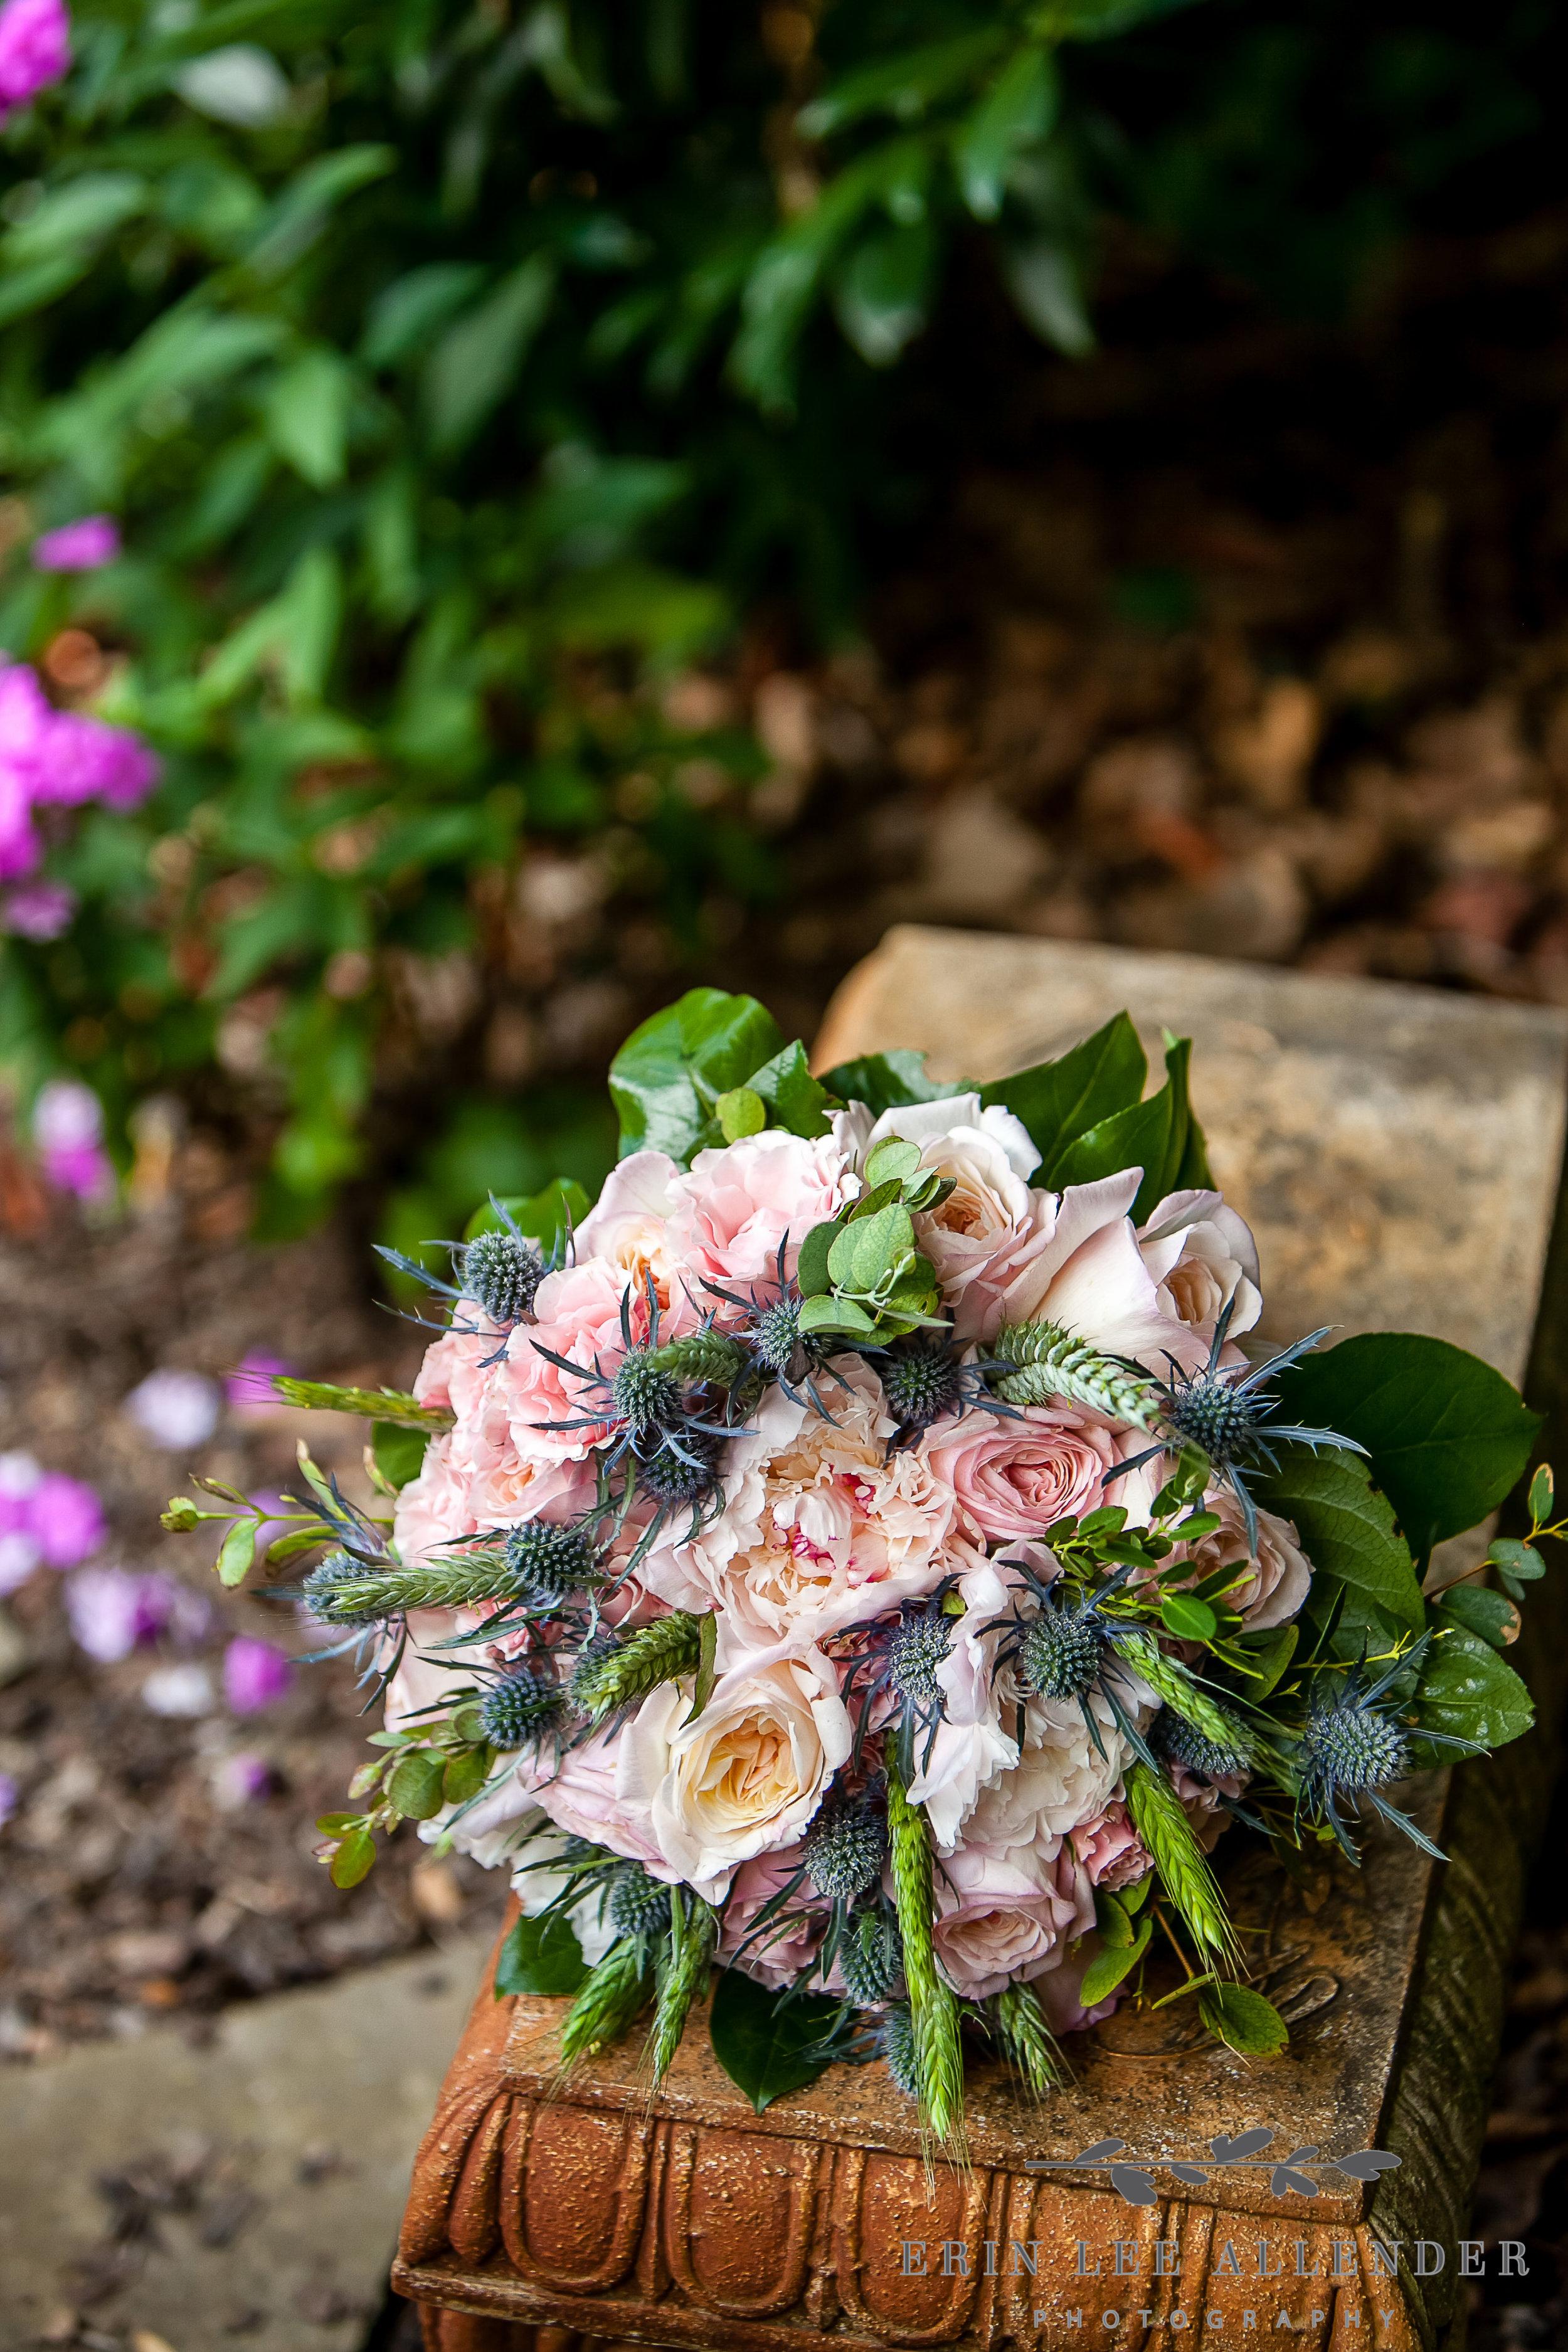 Rose_Blue_Thistle_Flower_Bouquet